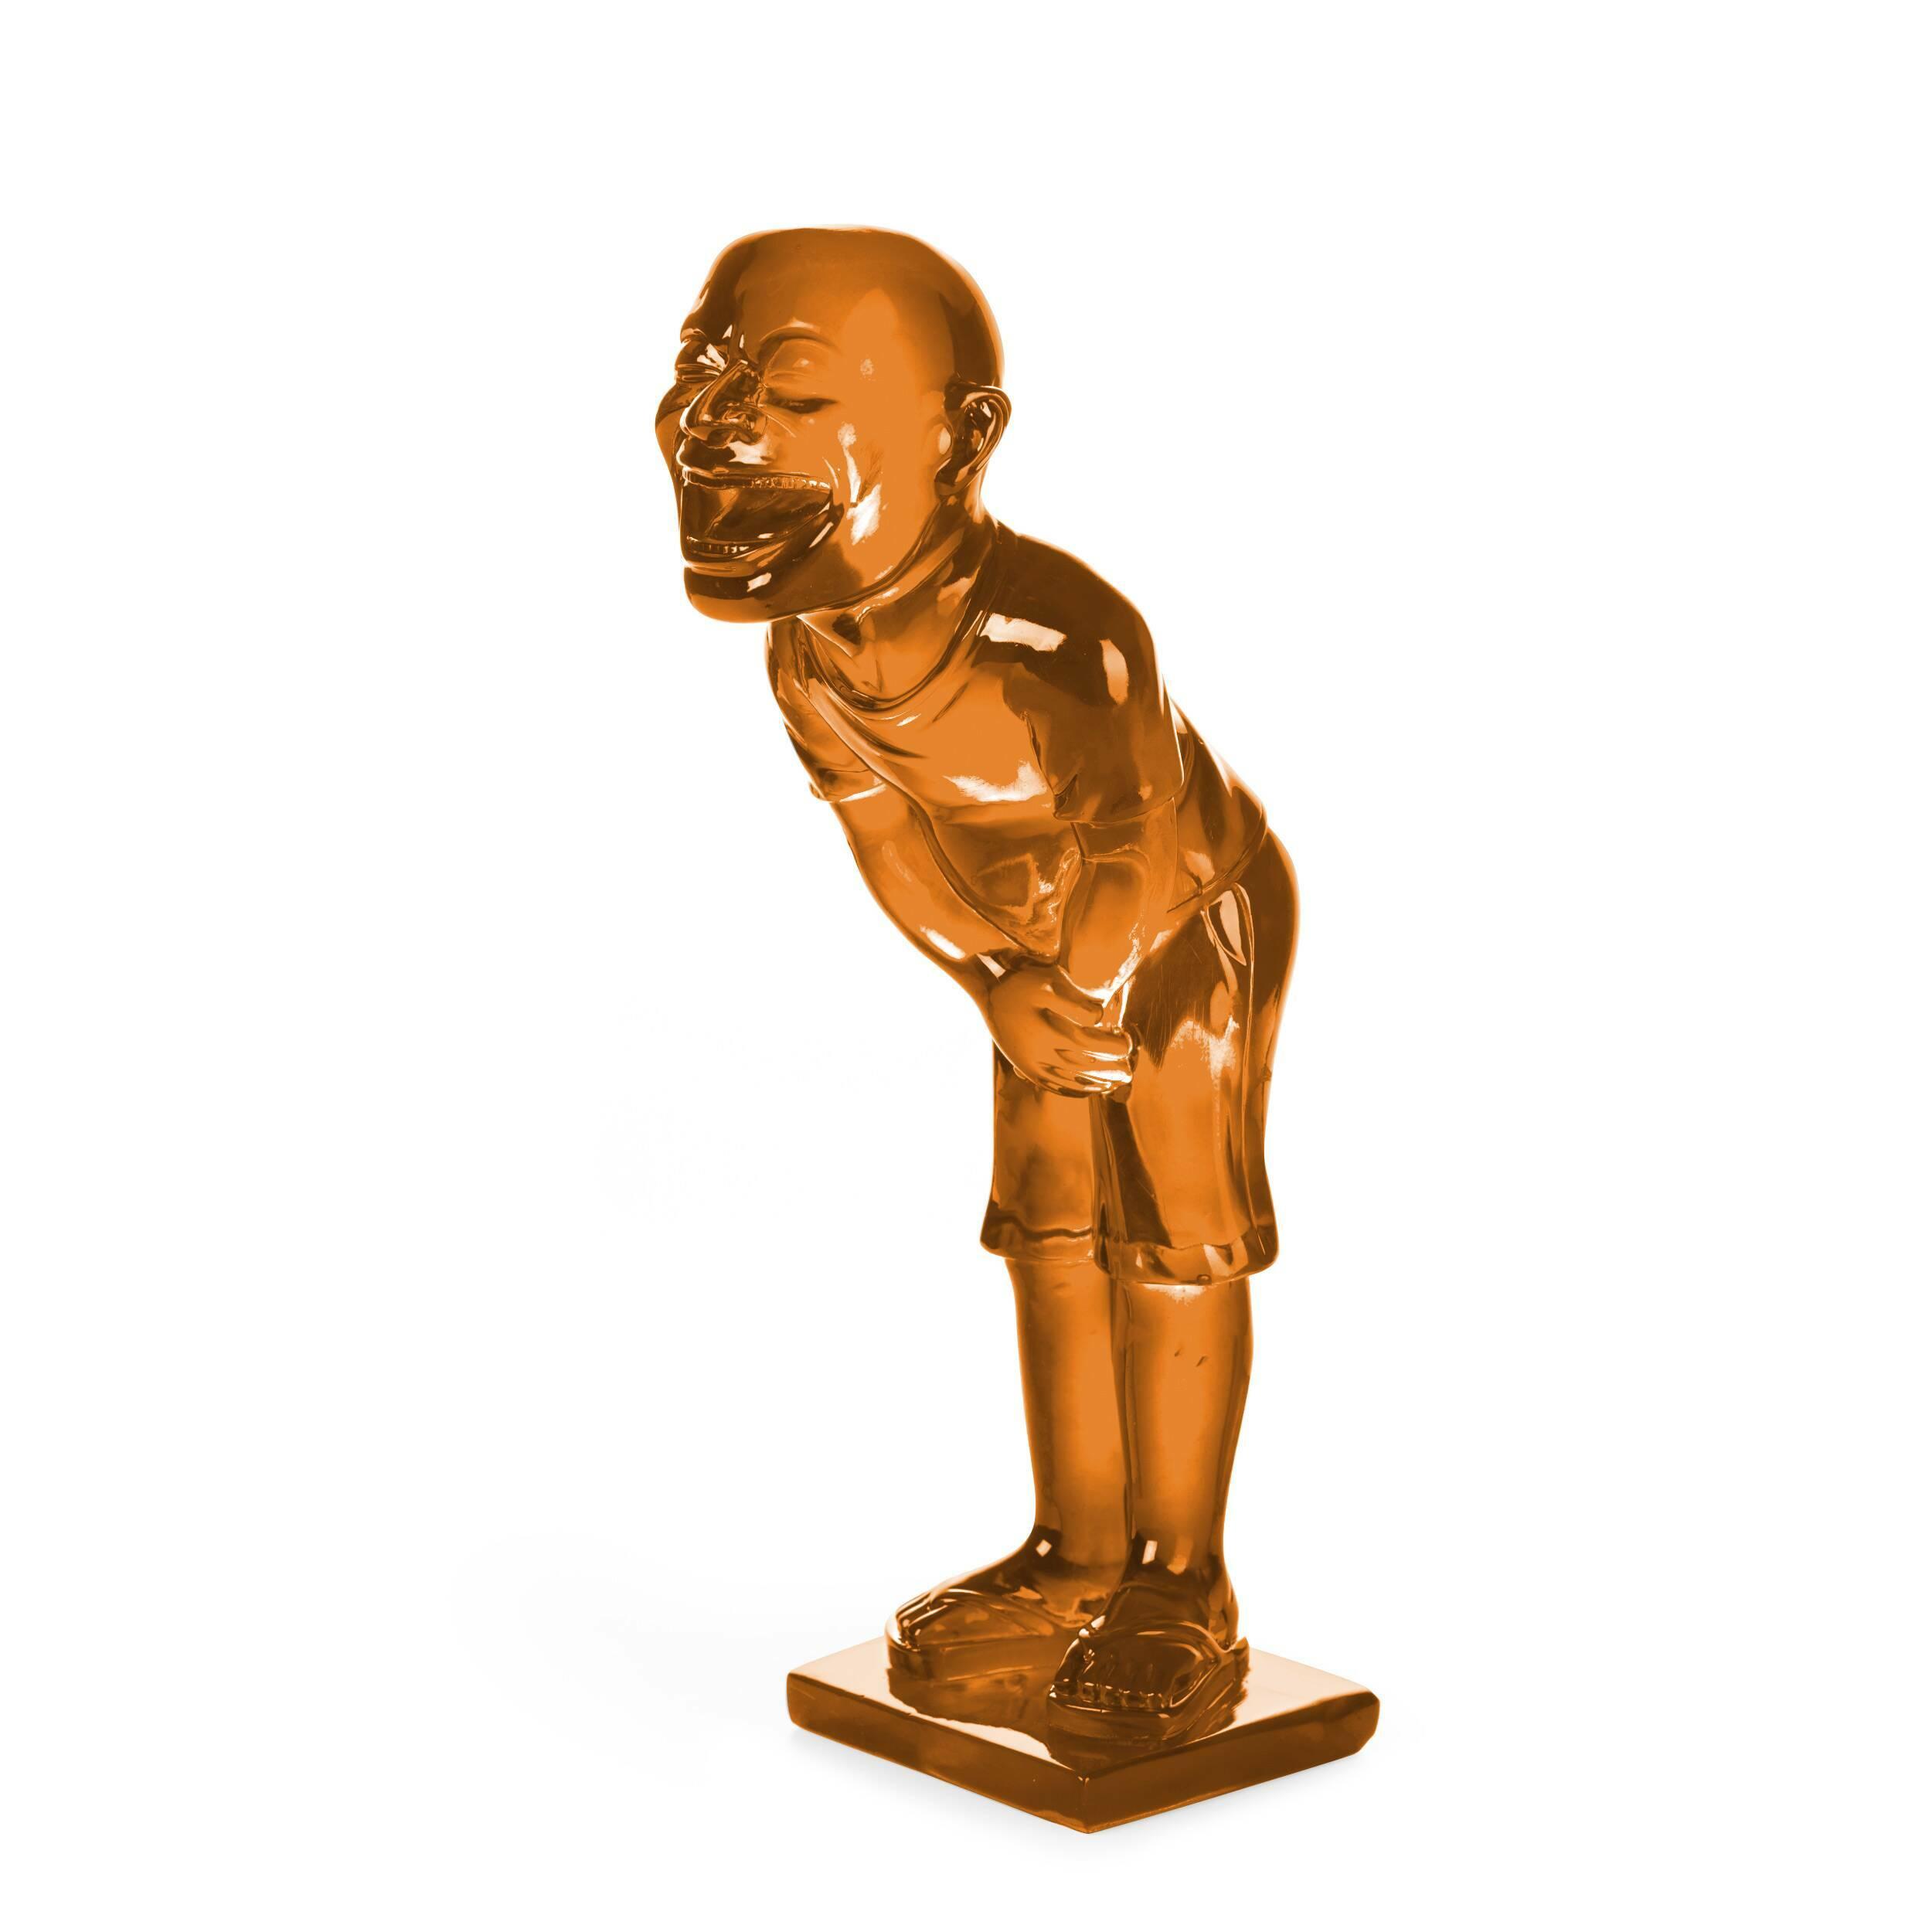 Статуэтка GrinНастольные<br>Дизайнерская полупрозрачная статуэтка забавного человека Grin (Грин) из полистоуна от Cosmo (Космо).<br> Эта настольная скульптура изображает забавного человечка, рот которого широко открыт в приступе хохота. Фигурка выполнена весьма натуралистично, вплоть до того, что можно рассмотреть форму сланцев, на ногах человека. Единственной фантасмагоричной деталью выглядят неестественно большая голова и рот, доходящий буквально до ушей. Существуют три вариации цветового исполнения статуэтки: зеленый,...<br><br>stock: 10<br>Высота: 32<br>Ширина: 15<br>Материал: Полистоун<br>Цвет: Красный<br>Диаметр: 10